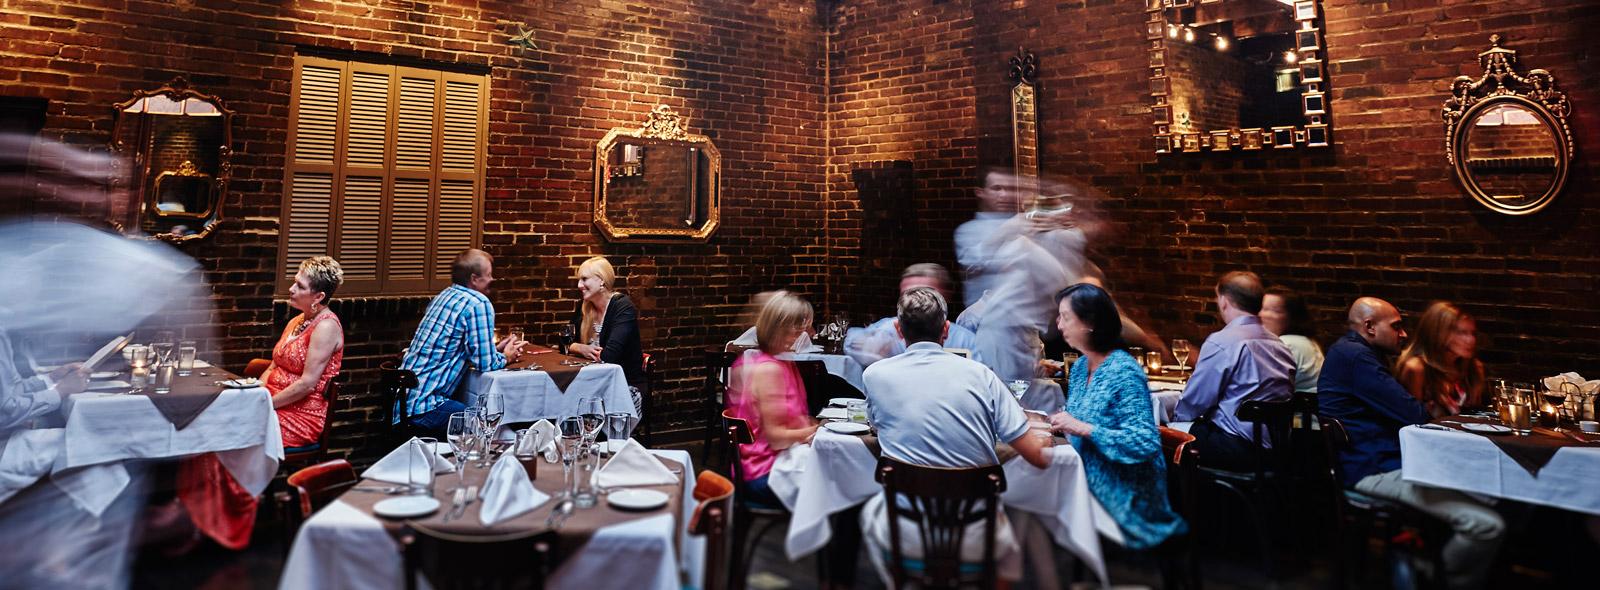 Sidney Street Café Back Dining Room